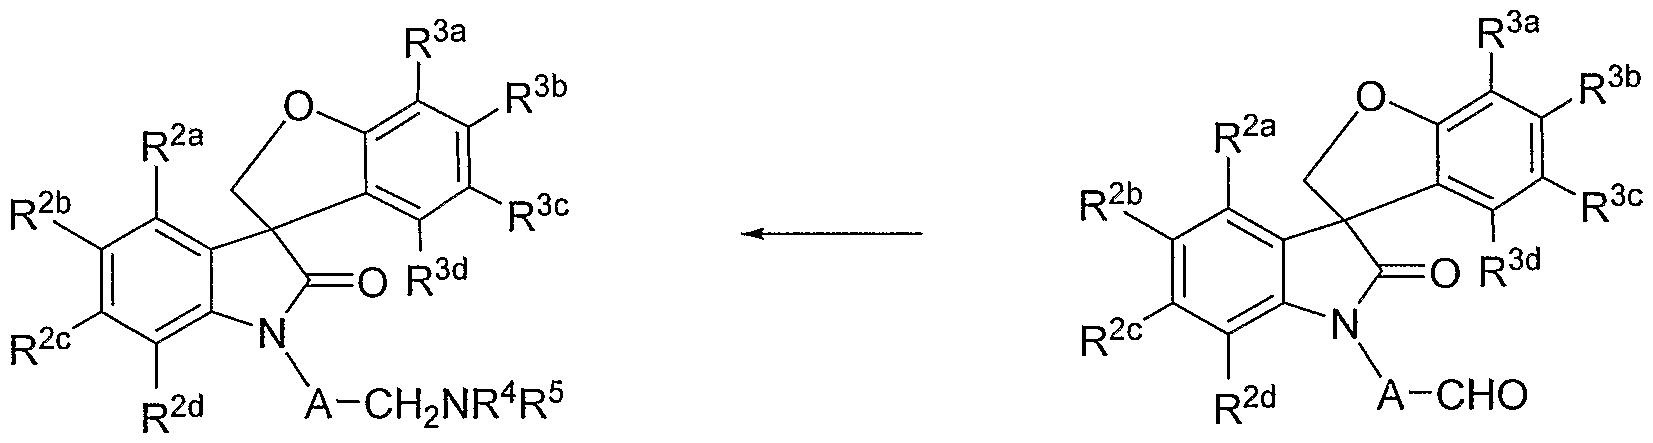 Figure imgf000086_0002